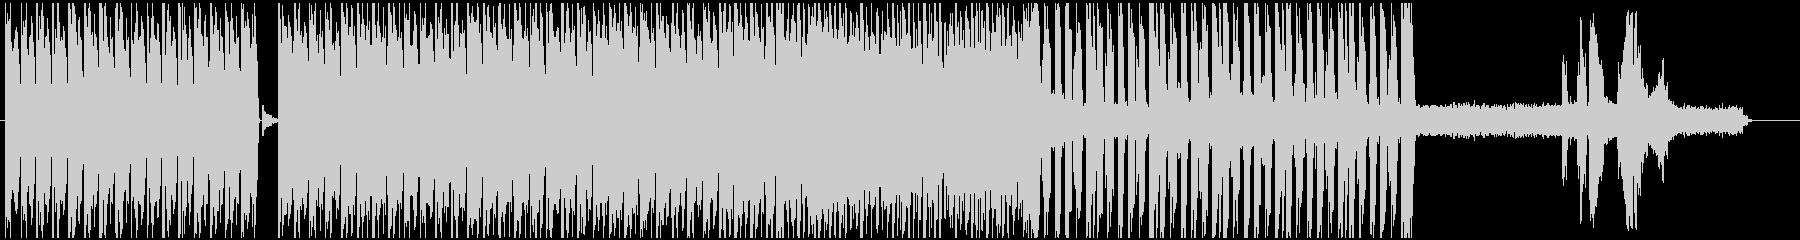 暗いHIP-HOPからのJAZZFUNKの未再生の波形